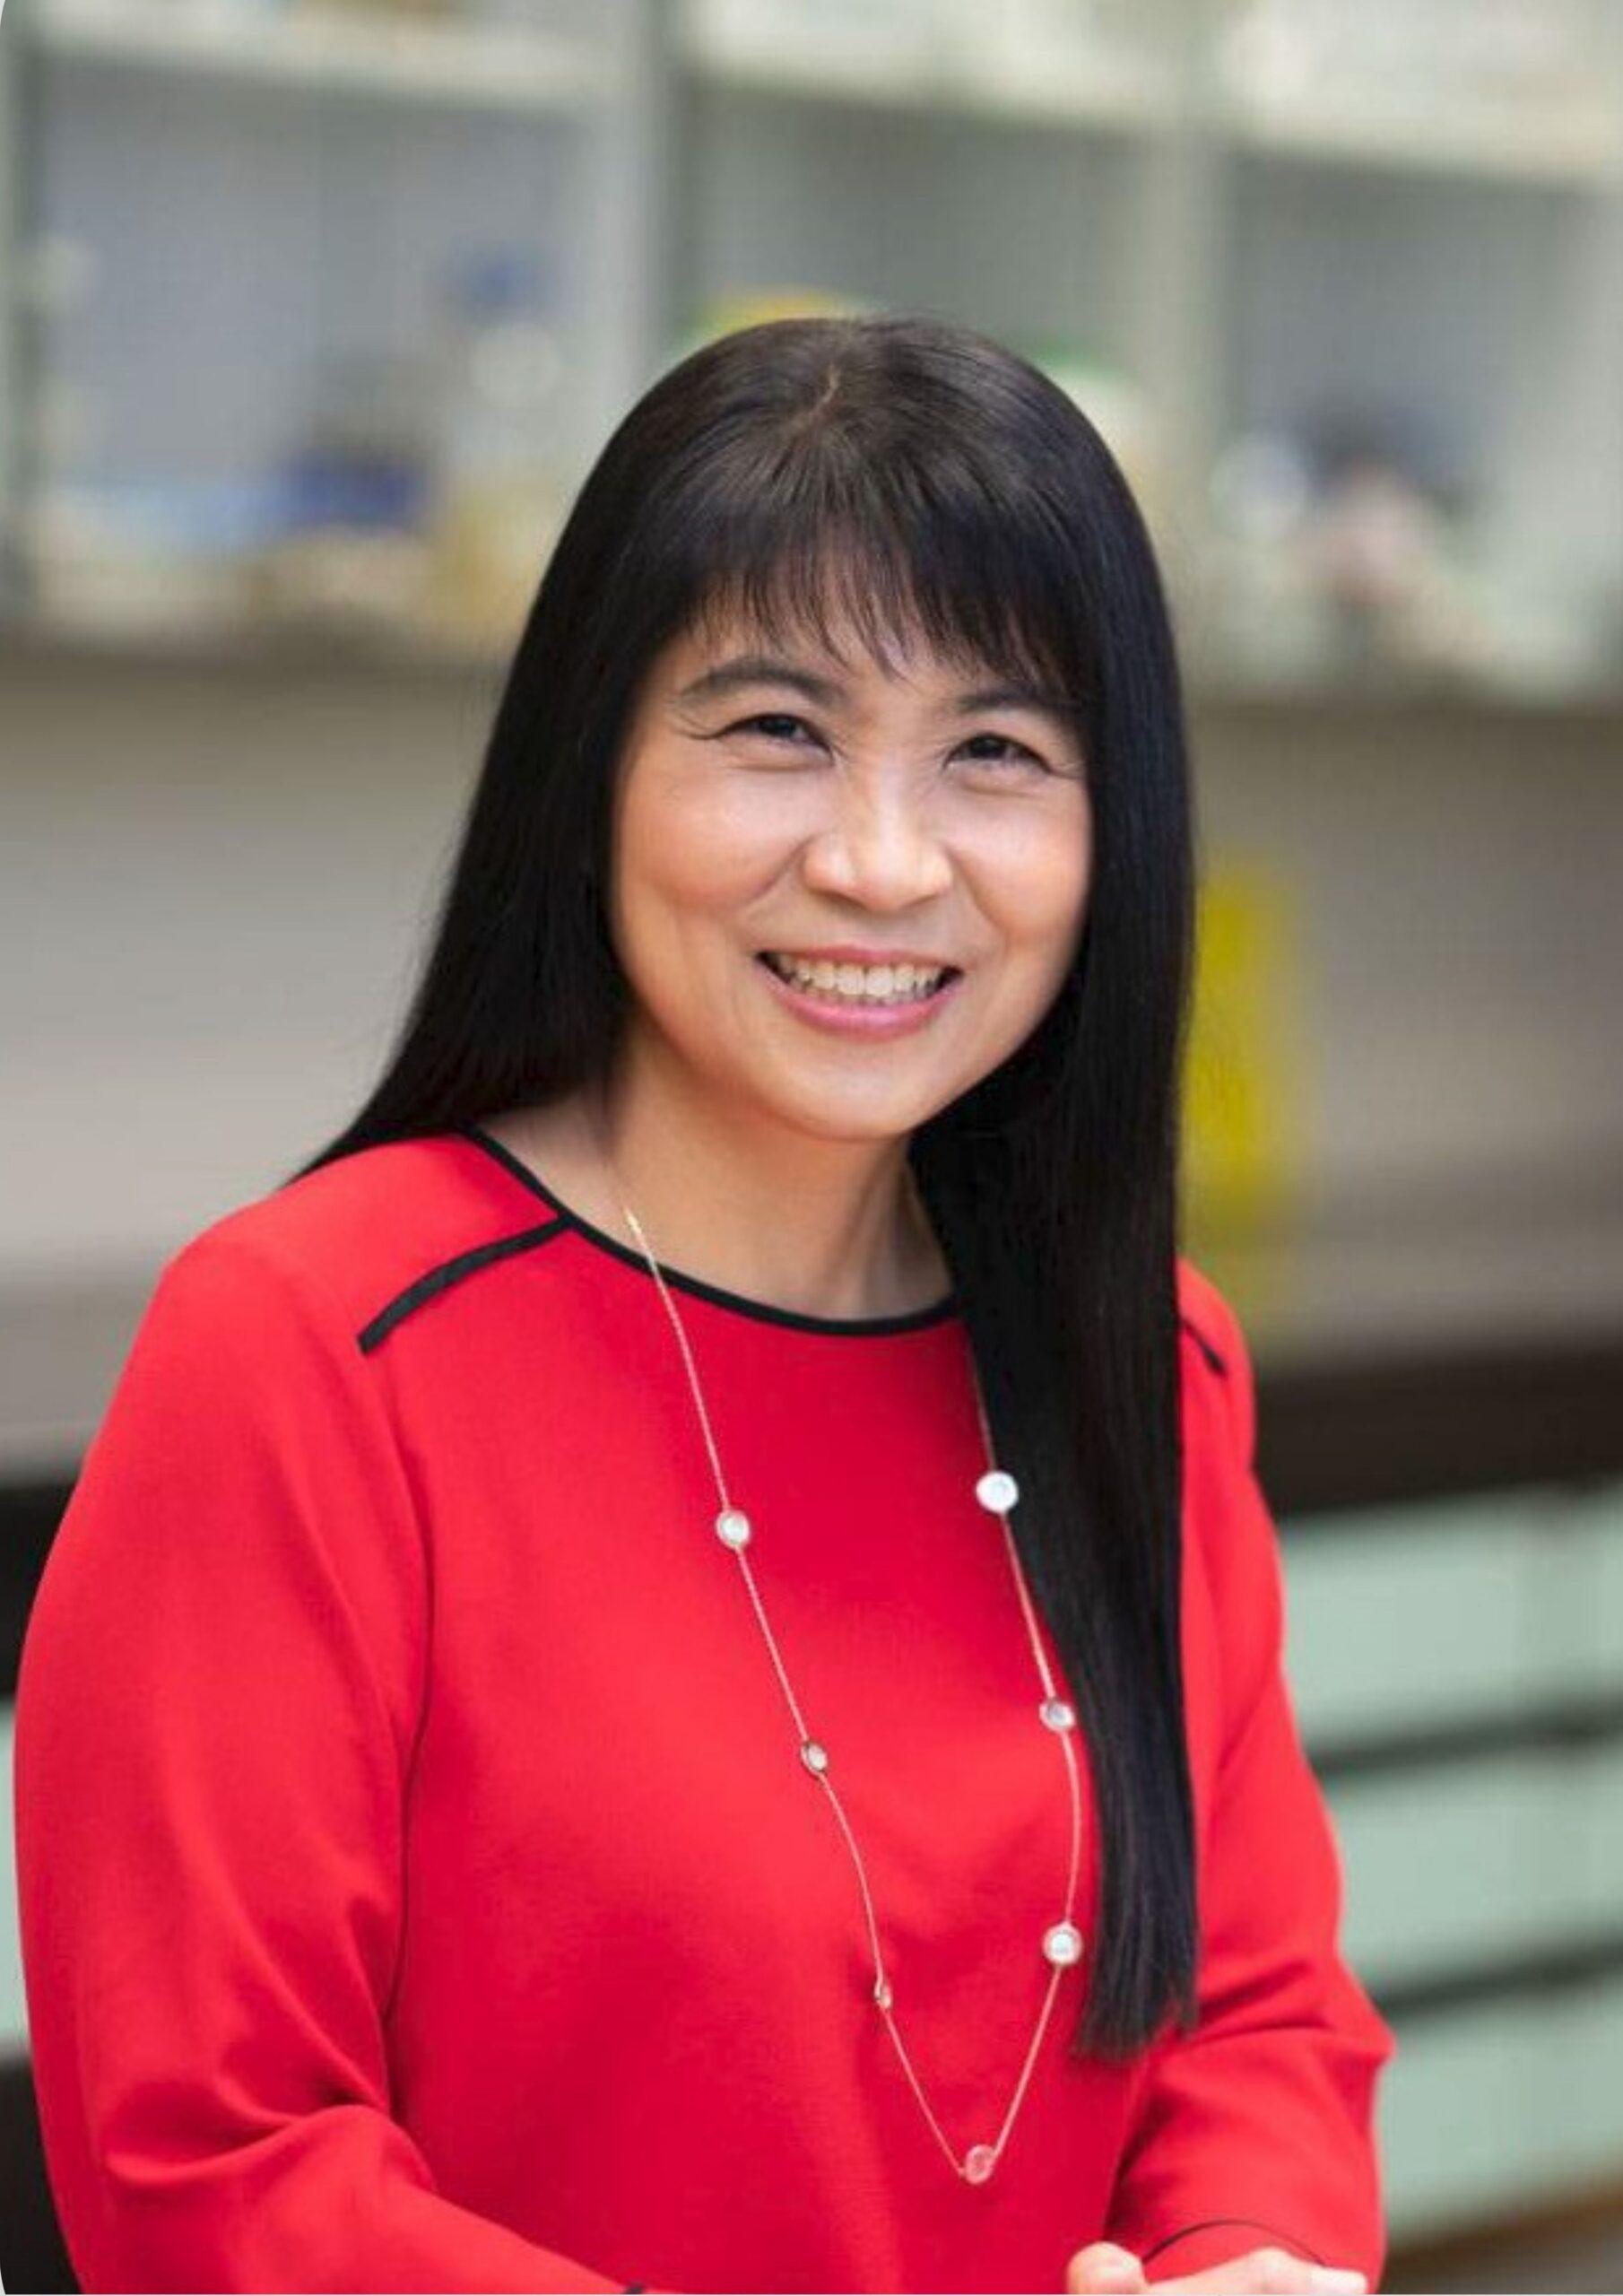 Dr. Aik Ling Tan